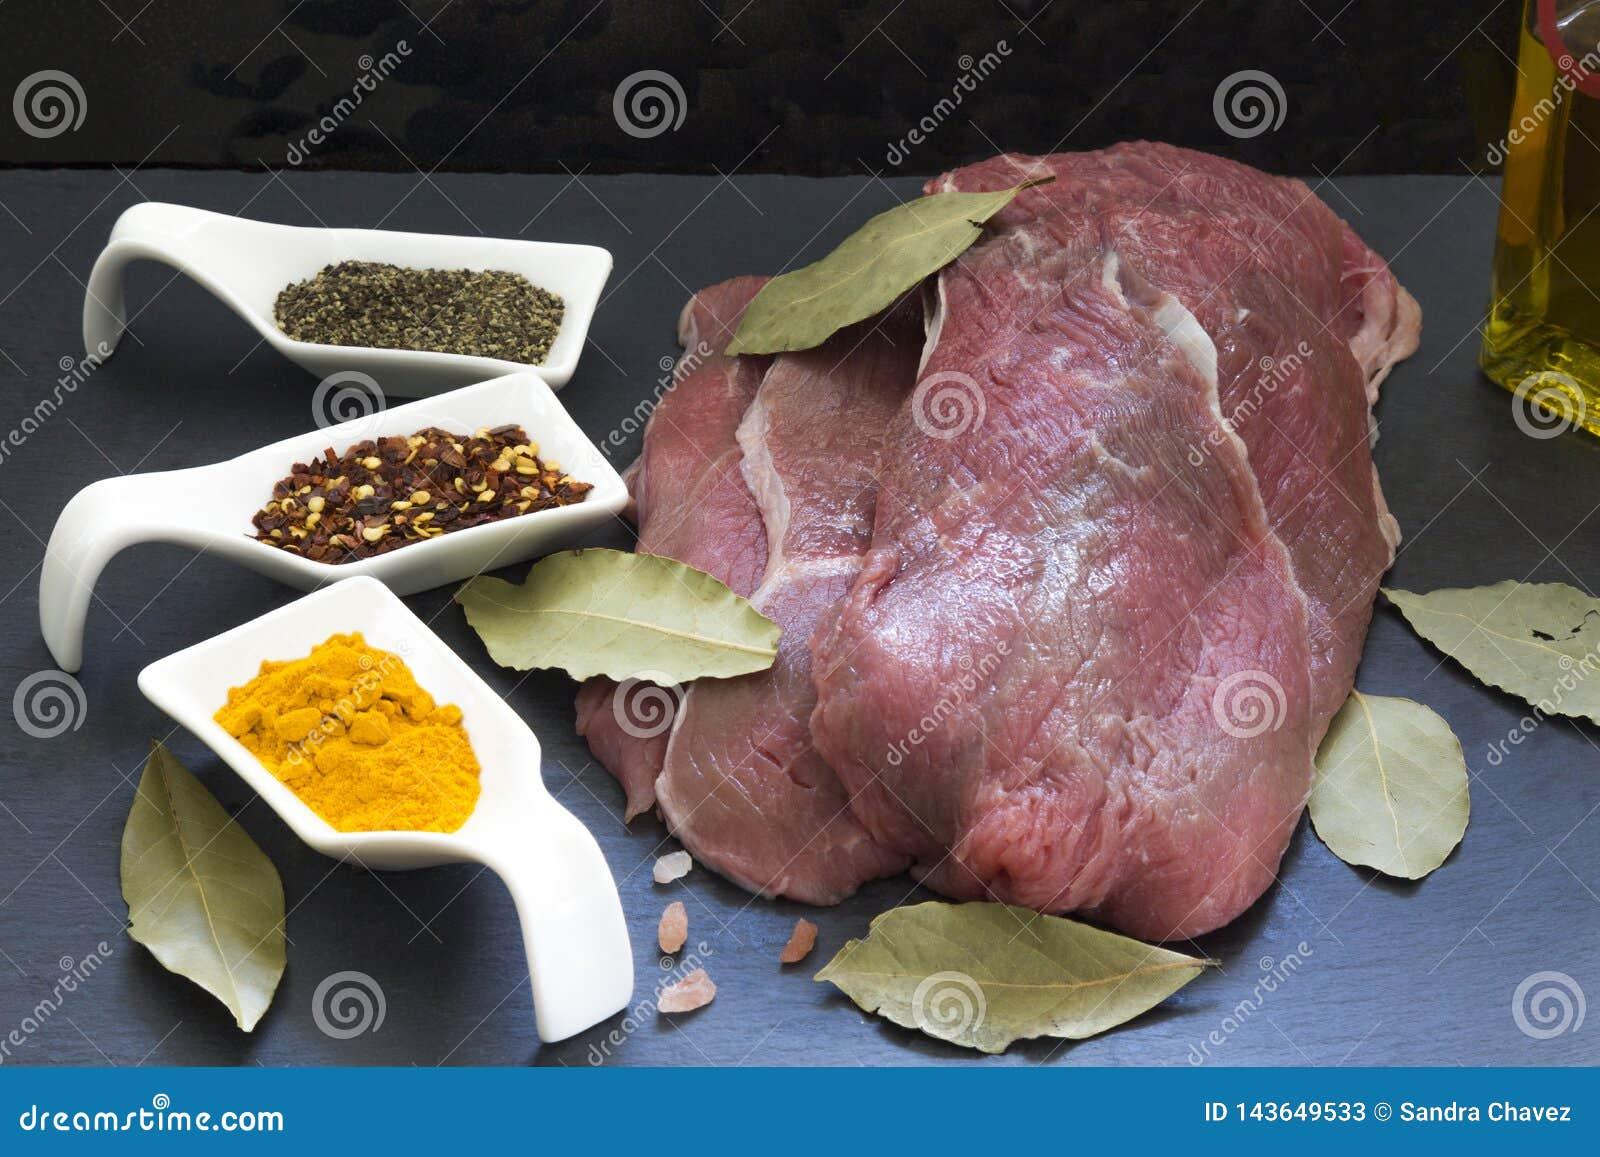 Το κομμάτι του κρέατος έτοιμο να προετοιμαστεί, με τα αντίστοιχους είδη και τον κόλπο τους φεύγει